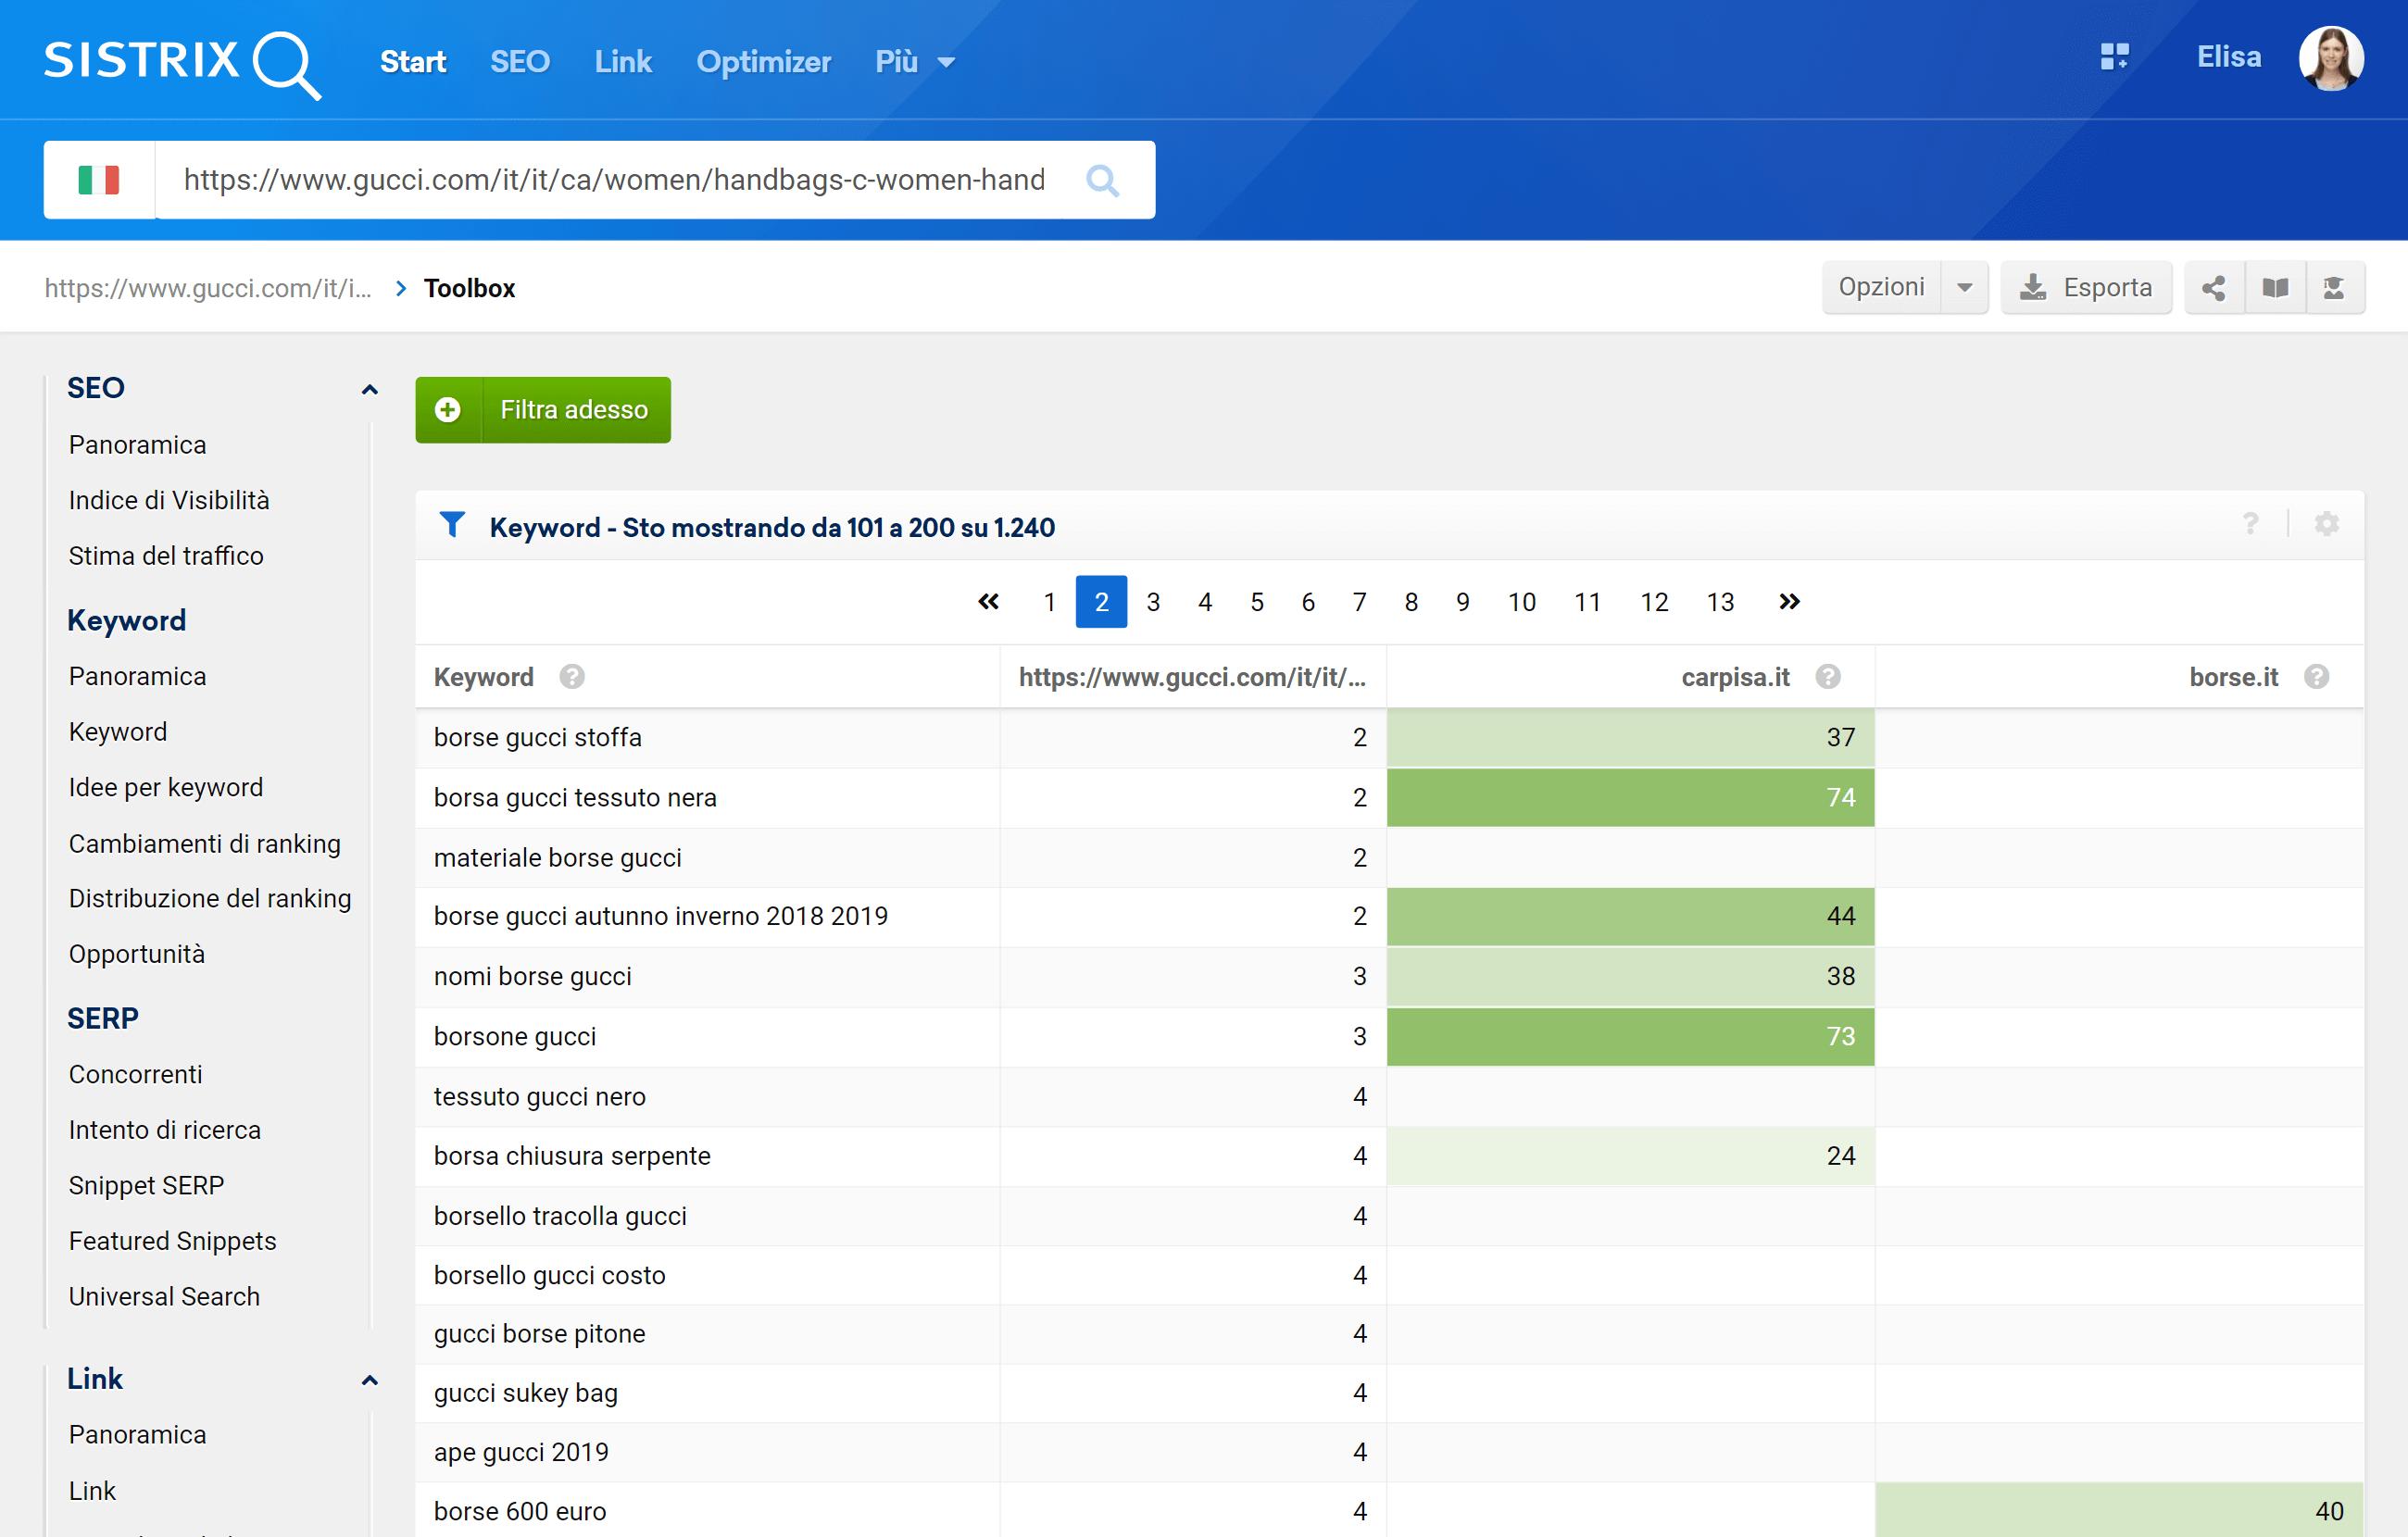 Tabella per il confronto delle keyword tra più domini: le caselle verdi indicano ranking positivi